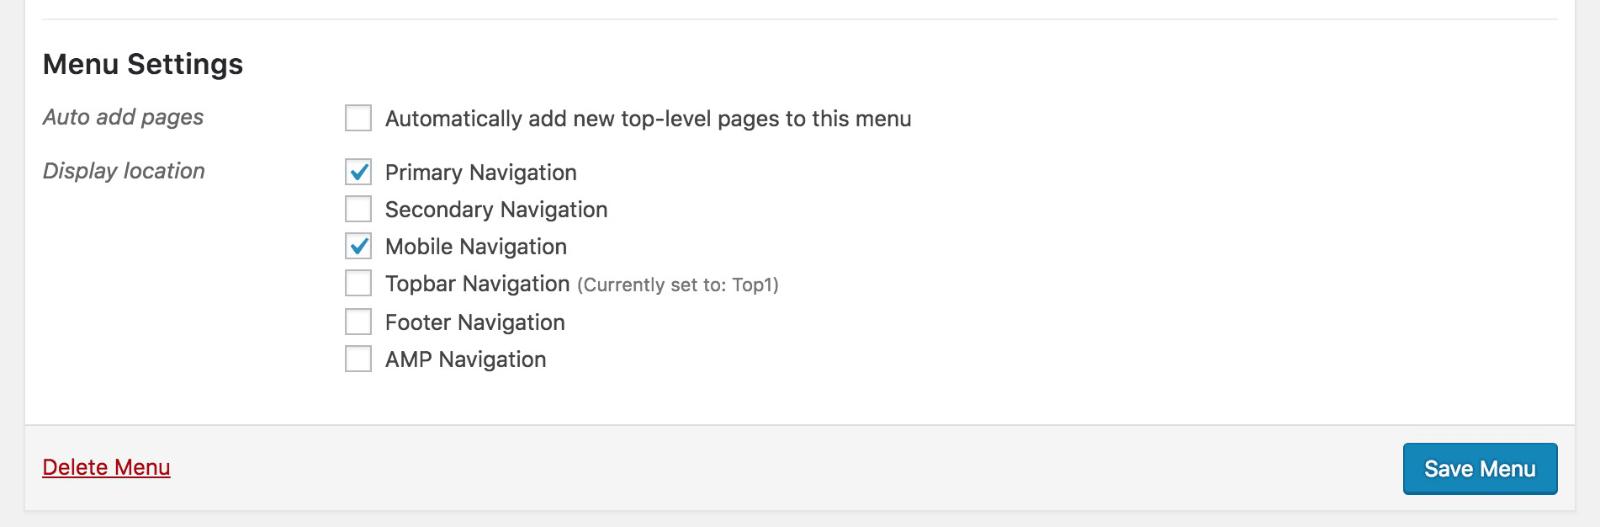 menu-settings-location